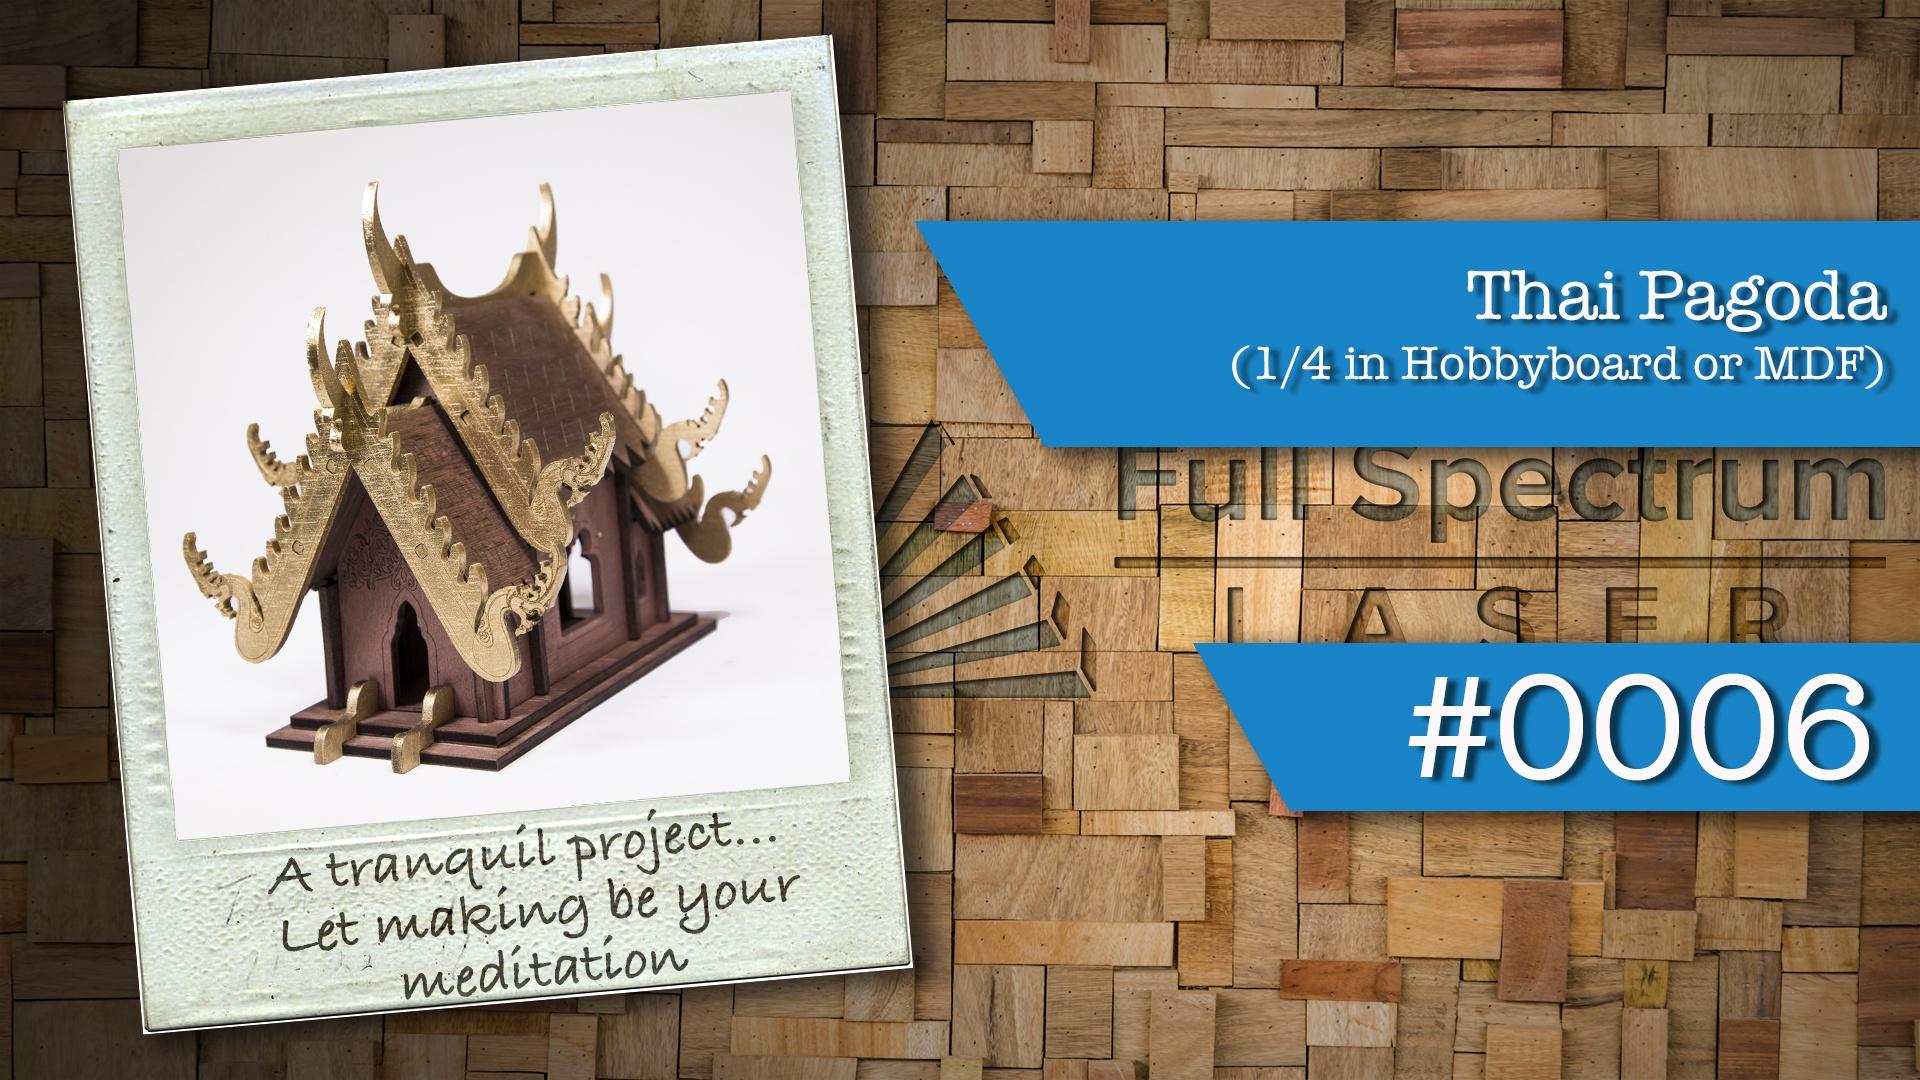 005 - Thai Pagoda.jpg